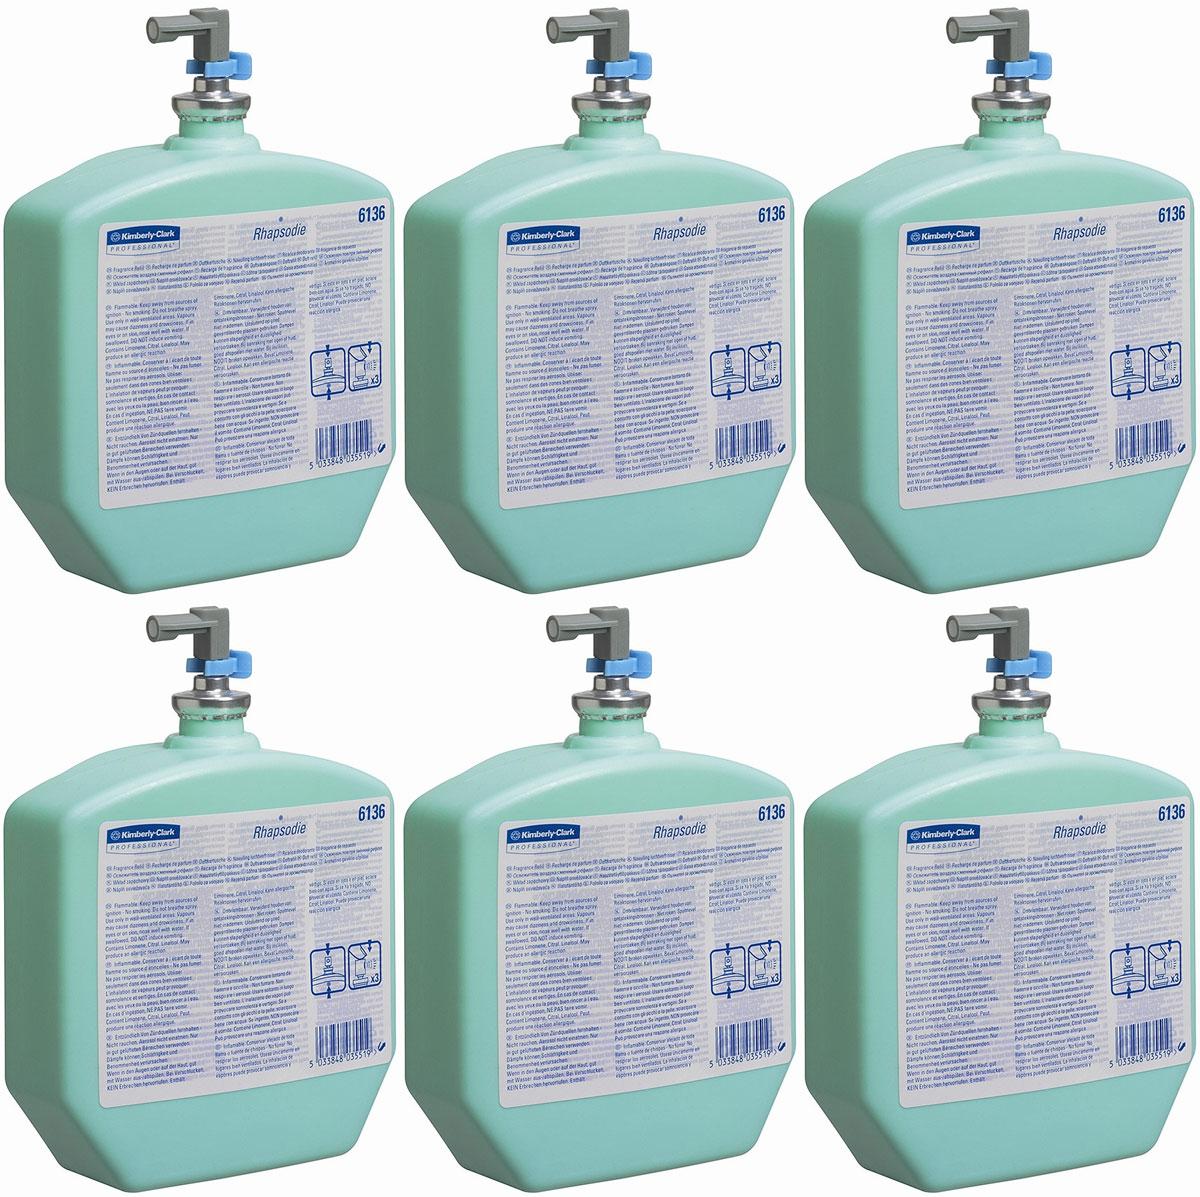 Освежитель воздуха Kimberly-Clark Professional Rhapsodie, 6 сменных блоков по 310 мл. 61366136Системы освежителей воздуха KIMBERLY-CLARK PROFESSIONAL® с дозатором могут быть запрограммированы для создания аромата, соответствующего Вашим предпочтениям.Идеальное решение для использования с диспенсерами RIPPLE® или AQUA® для освежителей воздуха; возможность настройки для создания необходимого аромата.Формат поставки: 6 картриджей по 310 мл пластиковая емкость с дозатором; аромат RHAPSODIE – нежный, с цитрусовыми нотами.